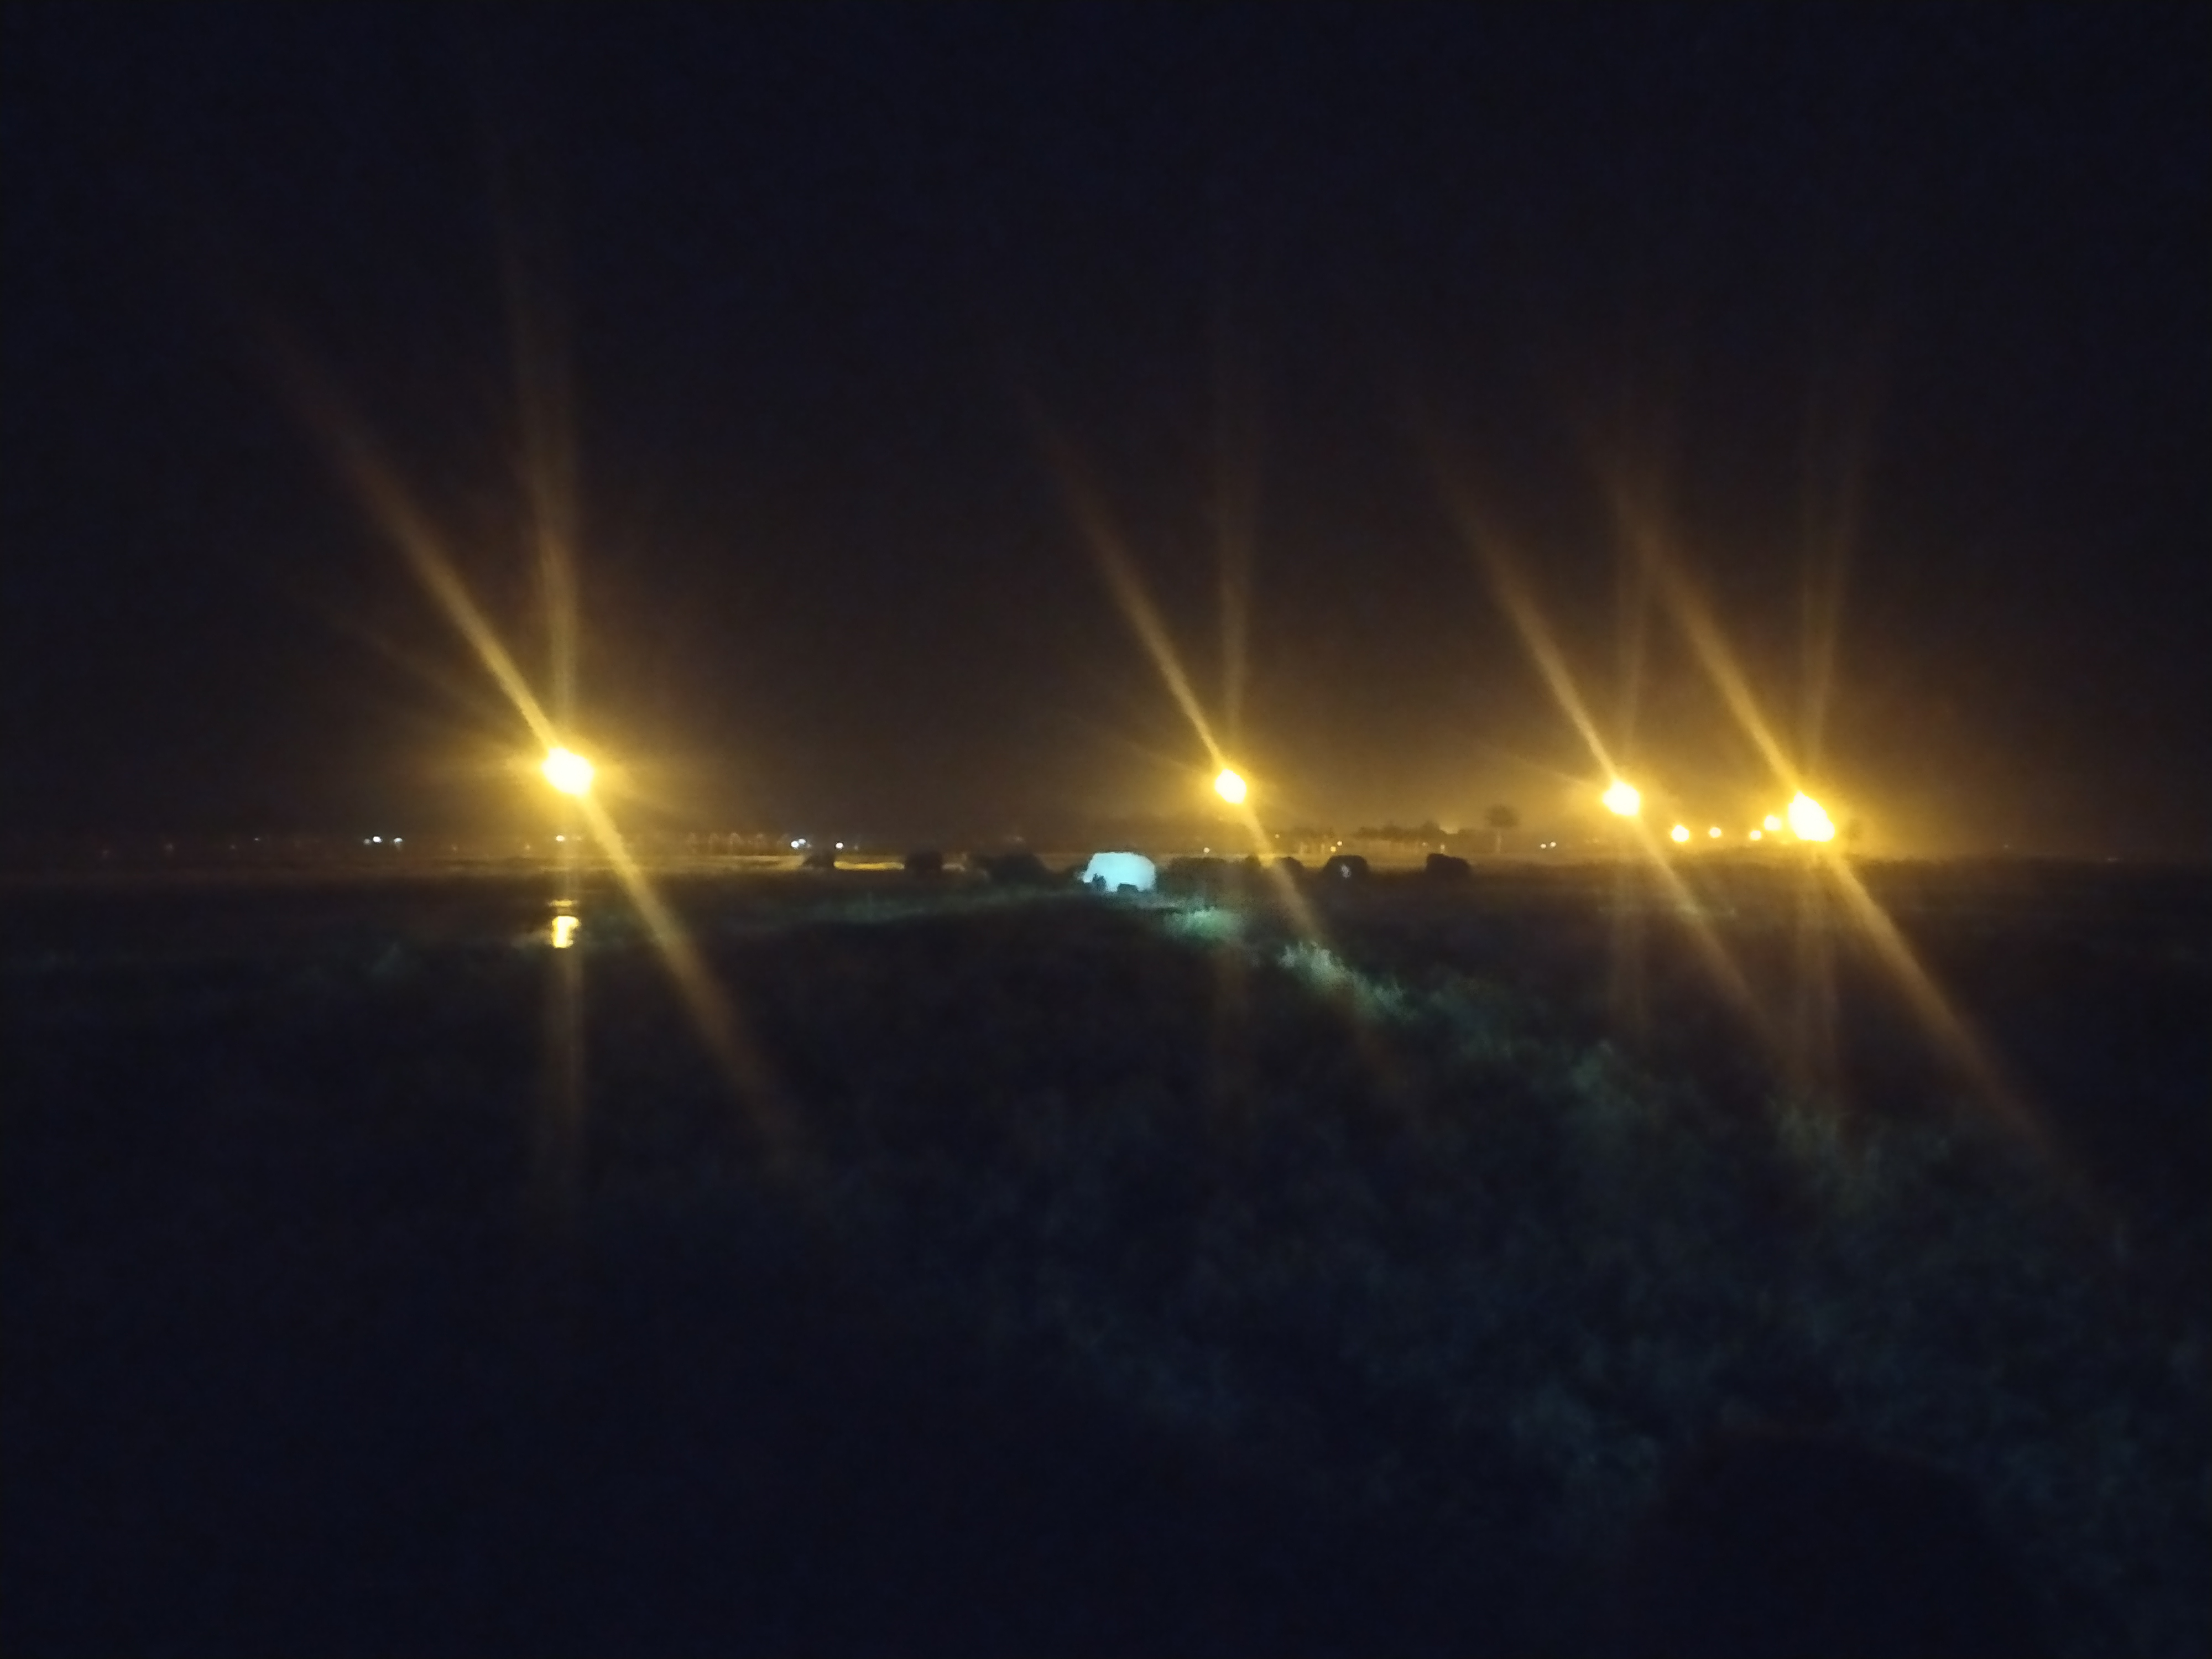 বকশীগঞ্জে হাতির তাড়া খেয়ে কৃষকের মৃত্যু